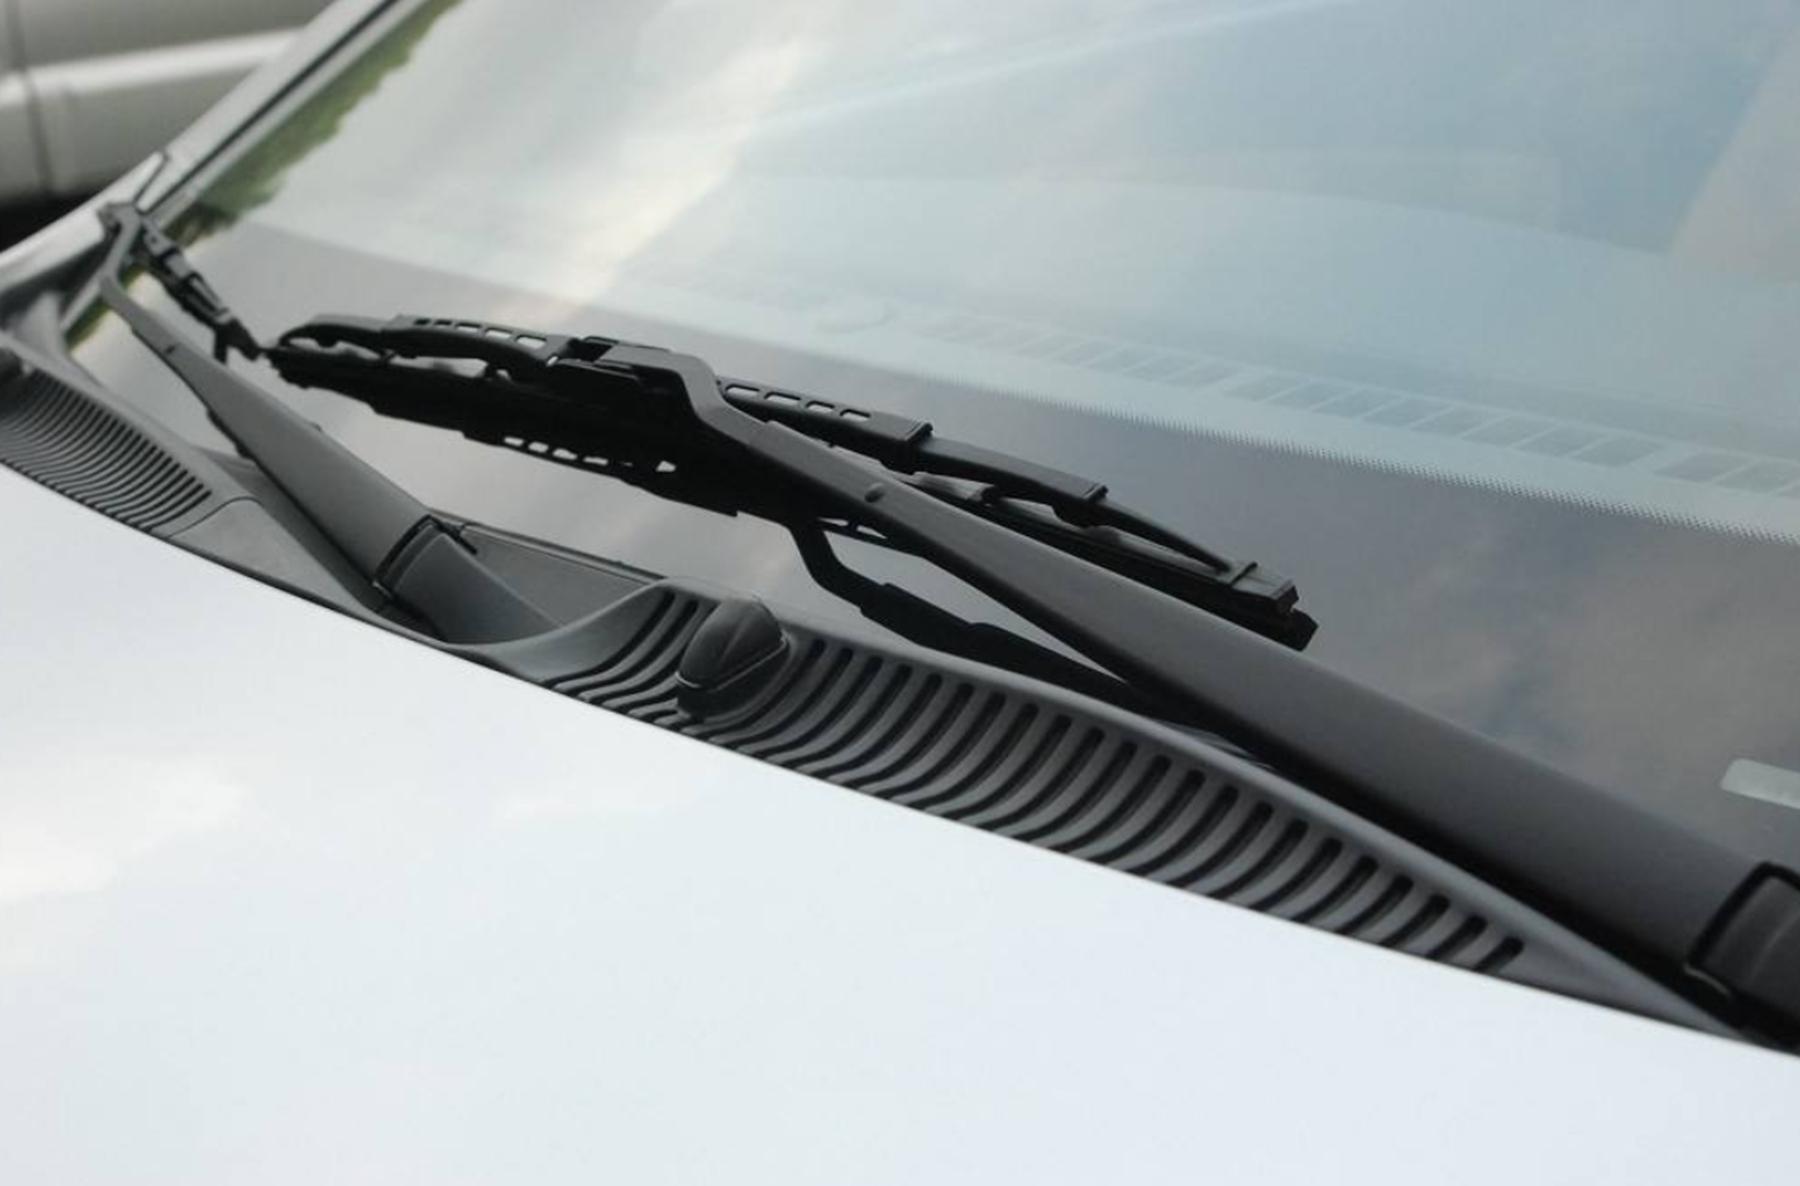 修车技师:时间长了,雨刮器会刮不干净出现噪音,用这3招能解决